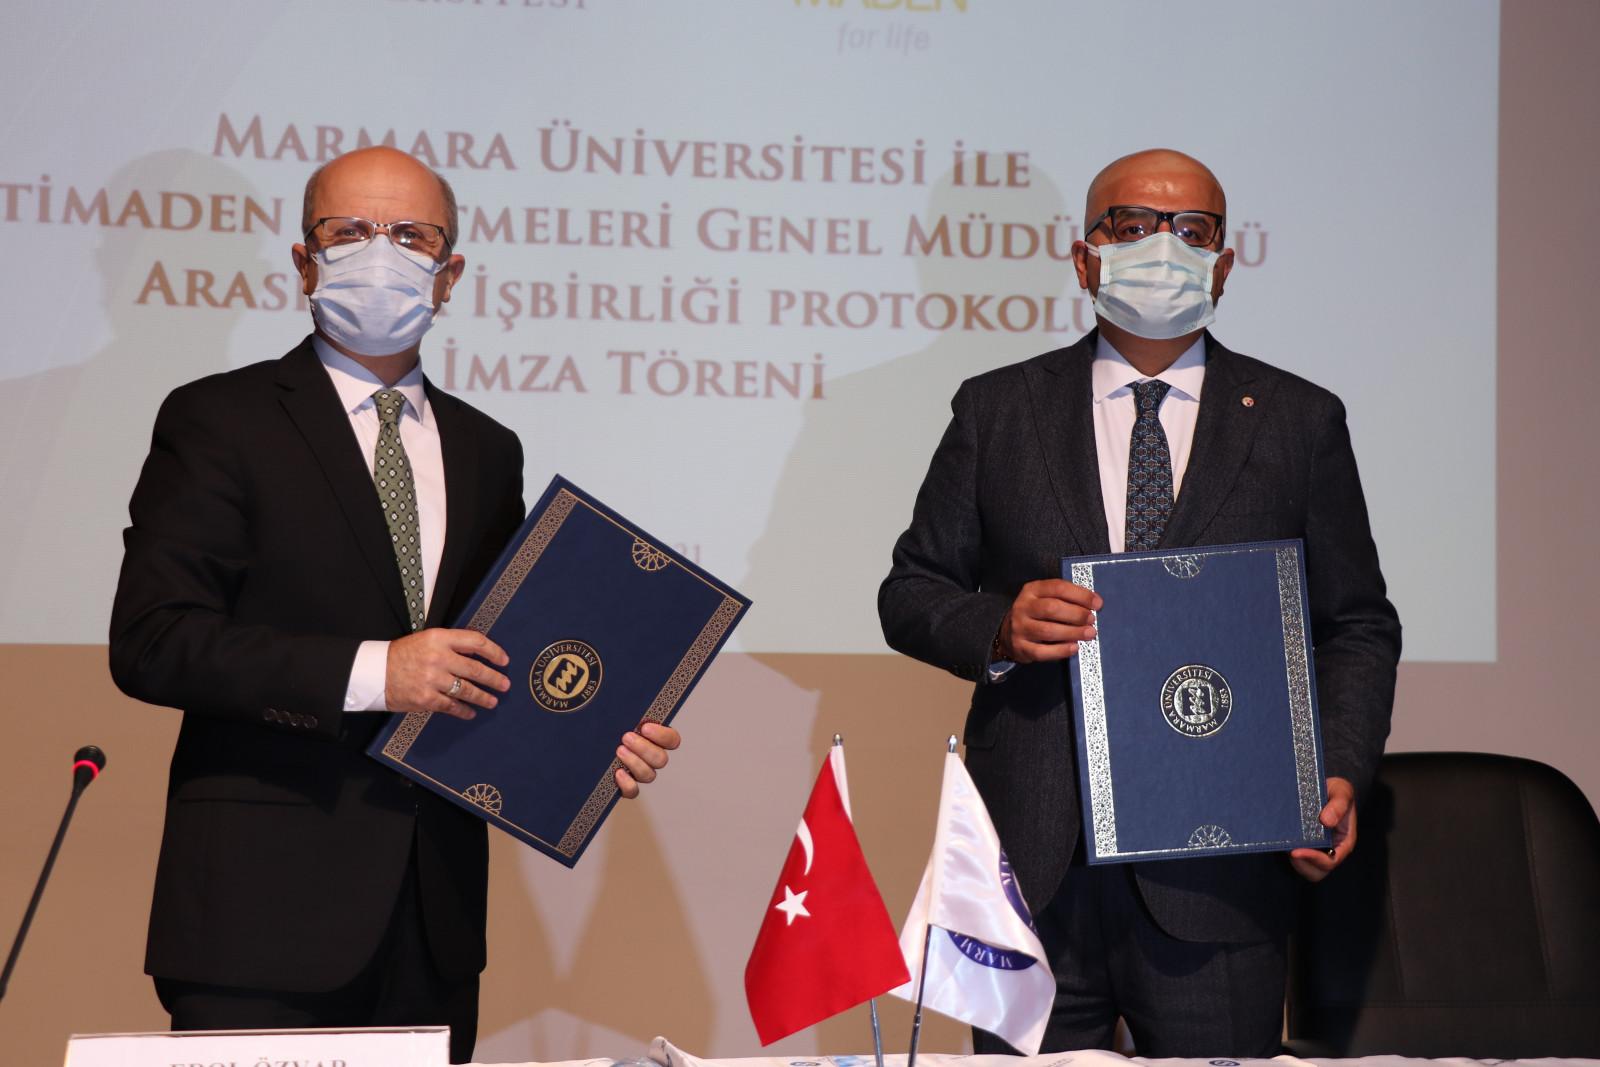 Marmara Üniversitesi ve Etimaden İşletmeleri Genel Müdürlüğü Arasında AR-GE İş Birliği Protokolü İmzalandı